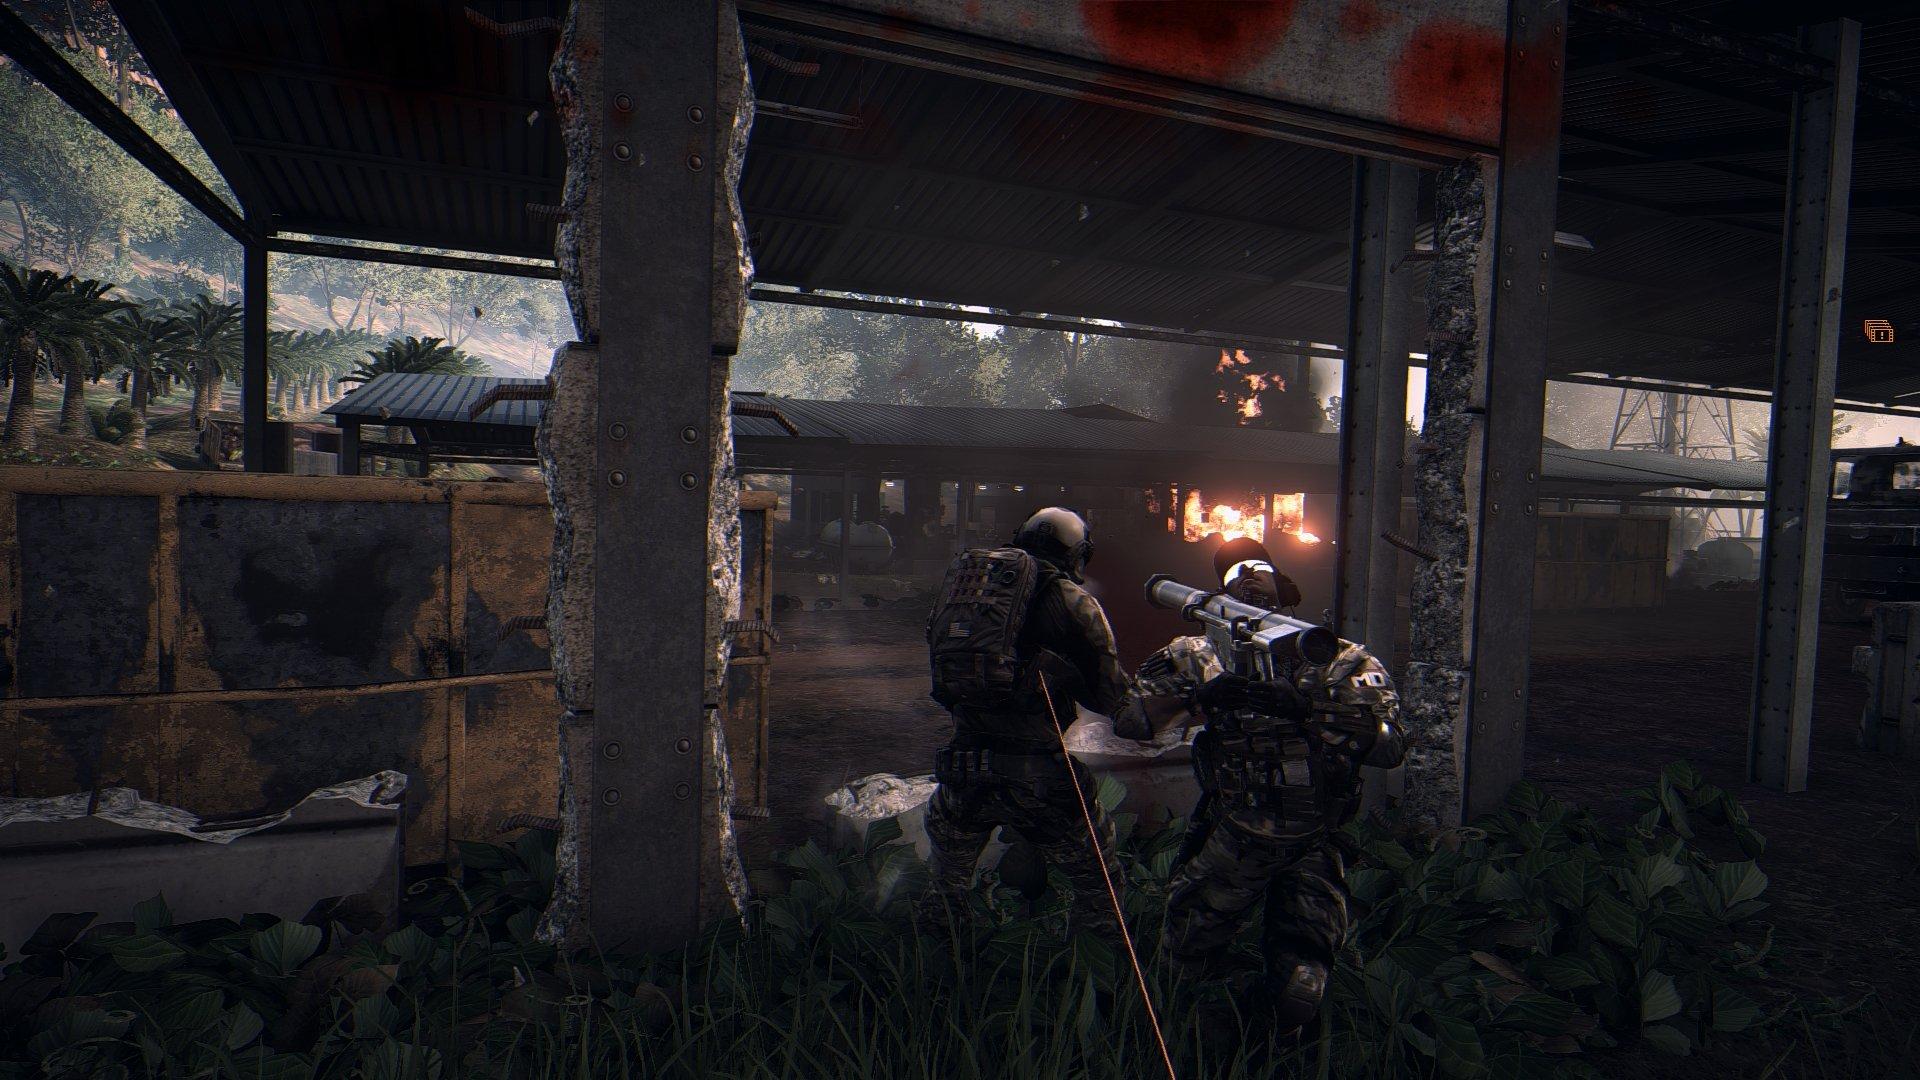 Карта сообщества Battlefield 4 - Изображение 11